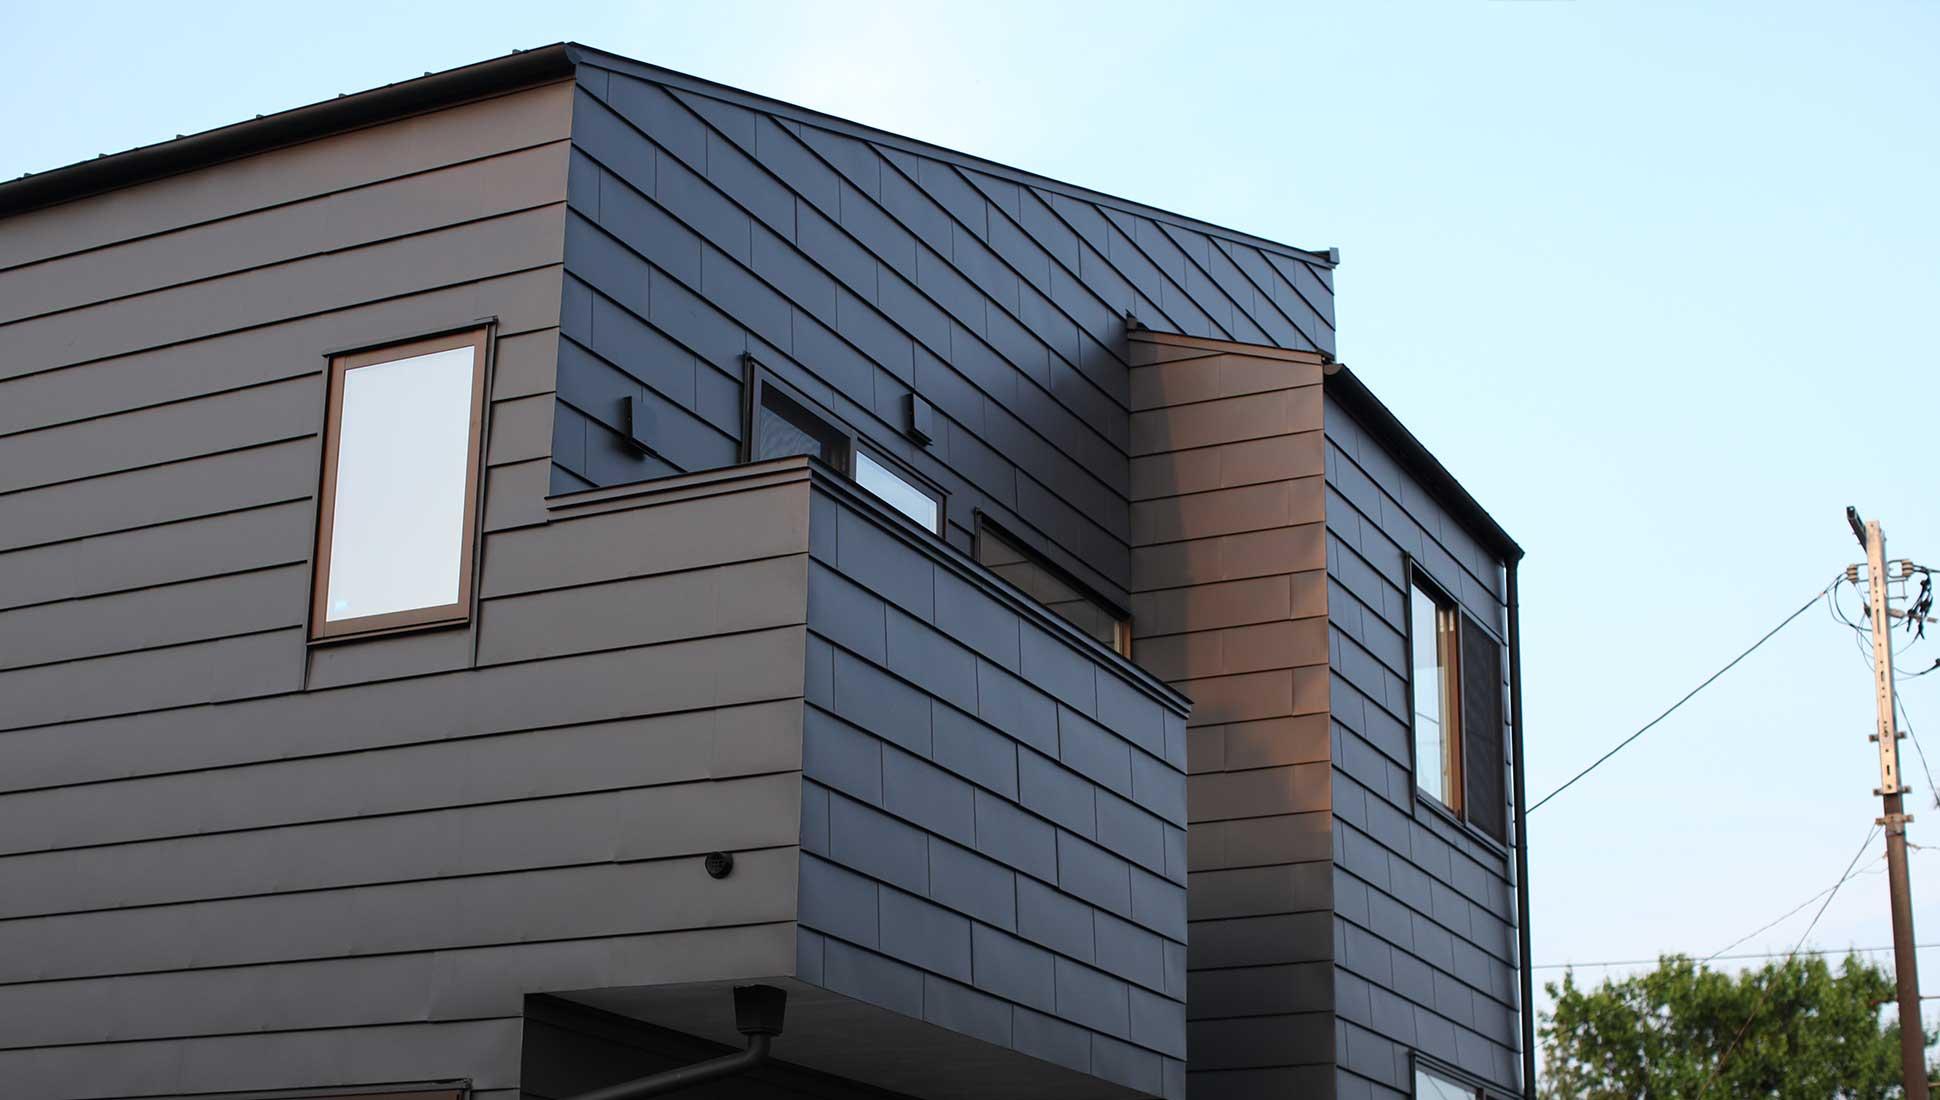 ガルバニウム鋼板の外観:スキップフロア 間取り 30坪